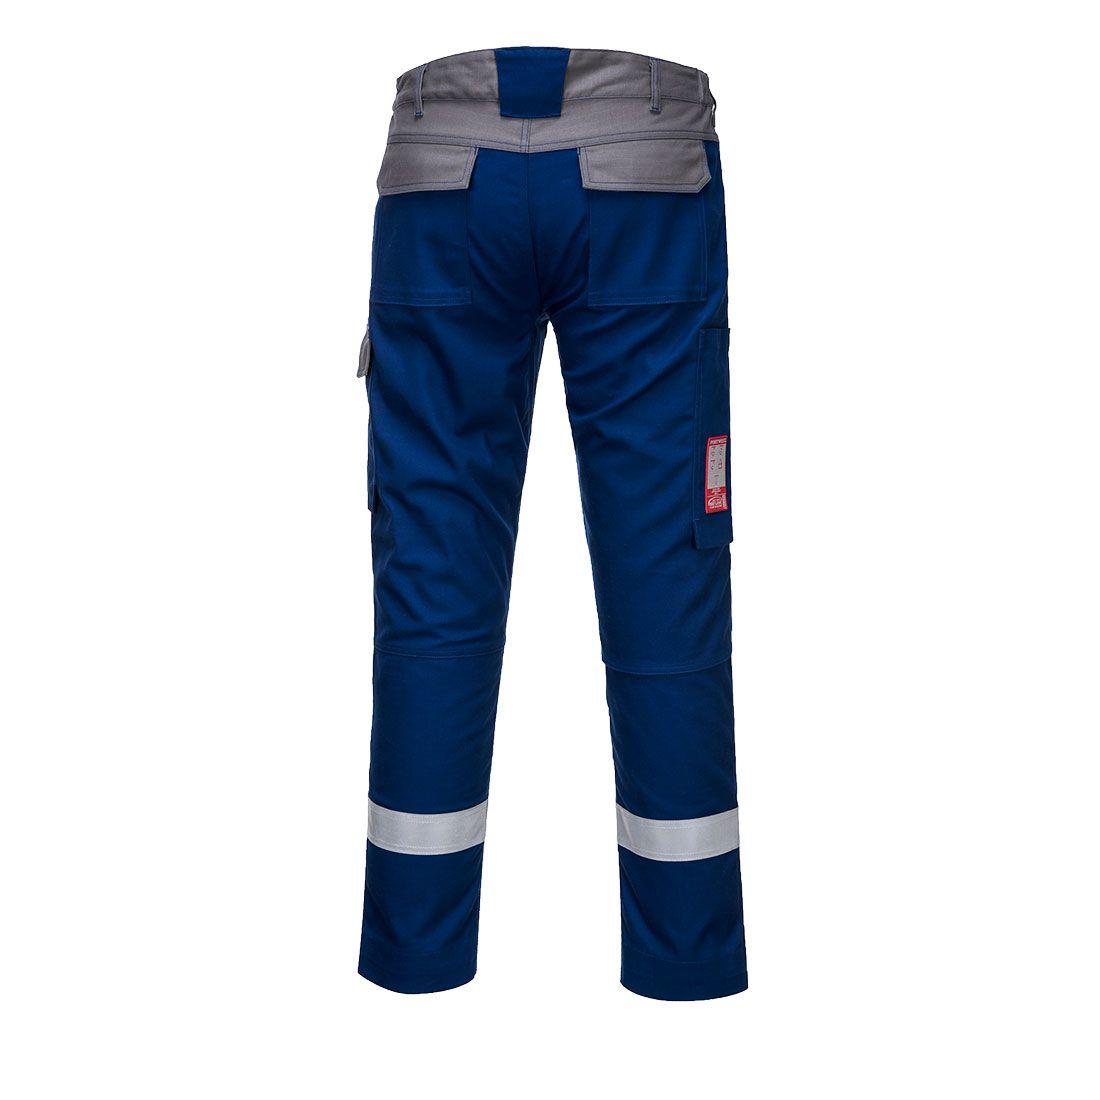 Portwest Bizflame Broeken FR06 korenblauw-grijs(RB)